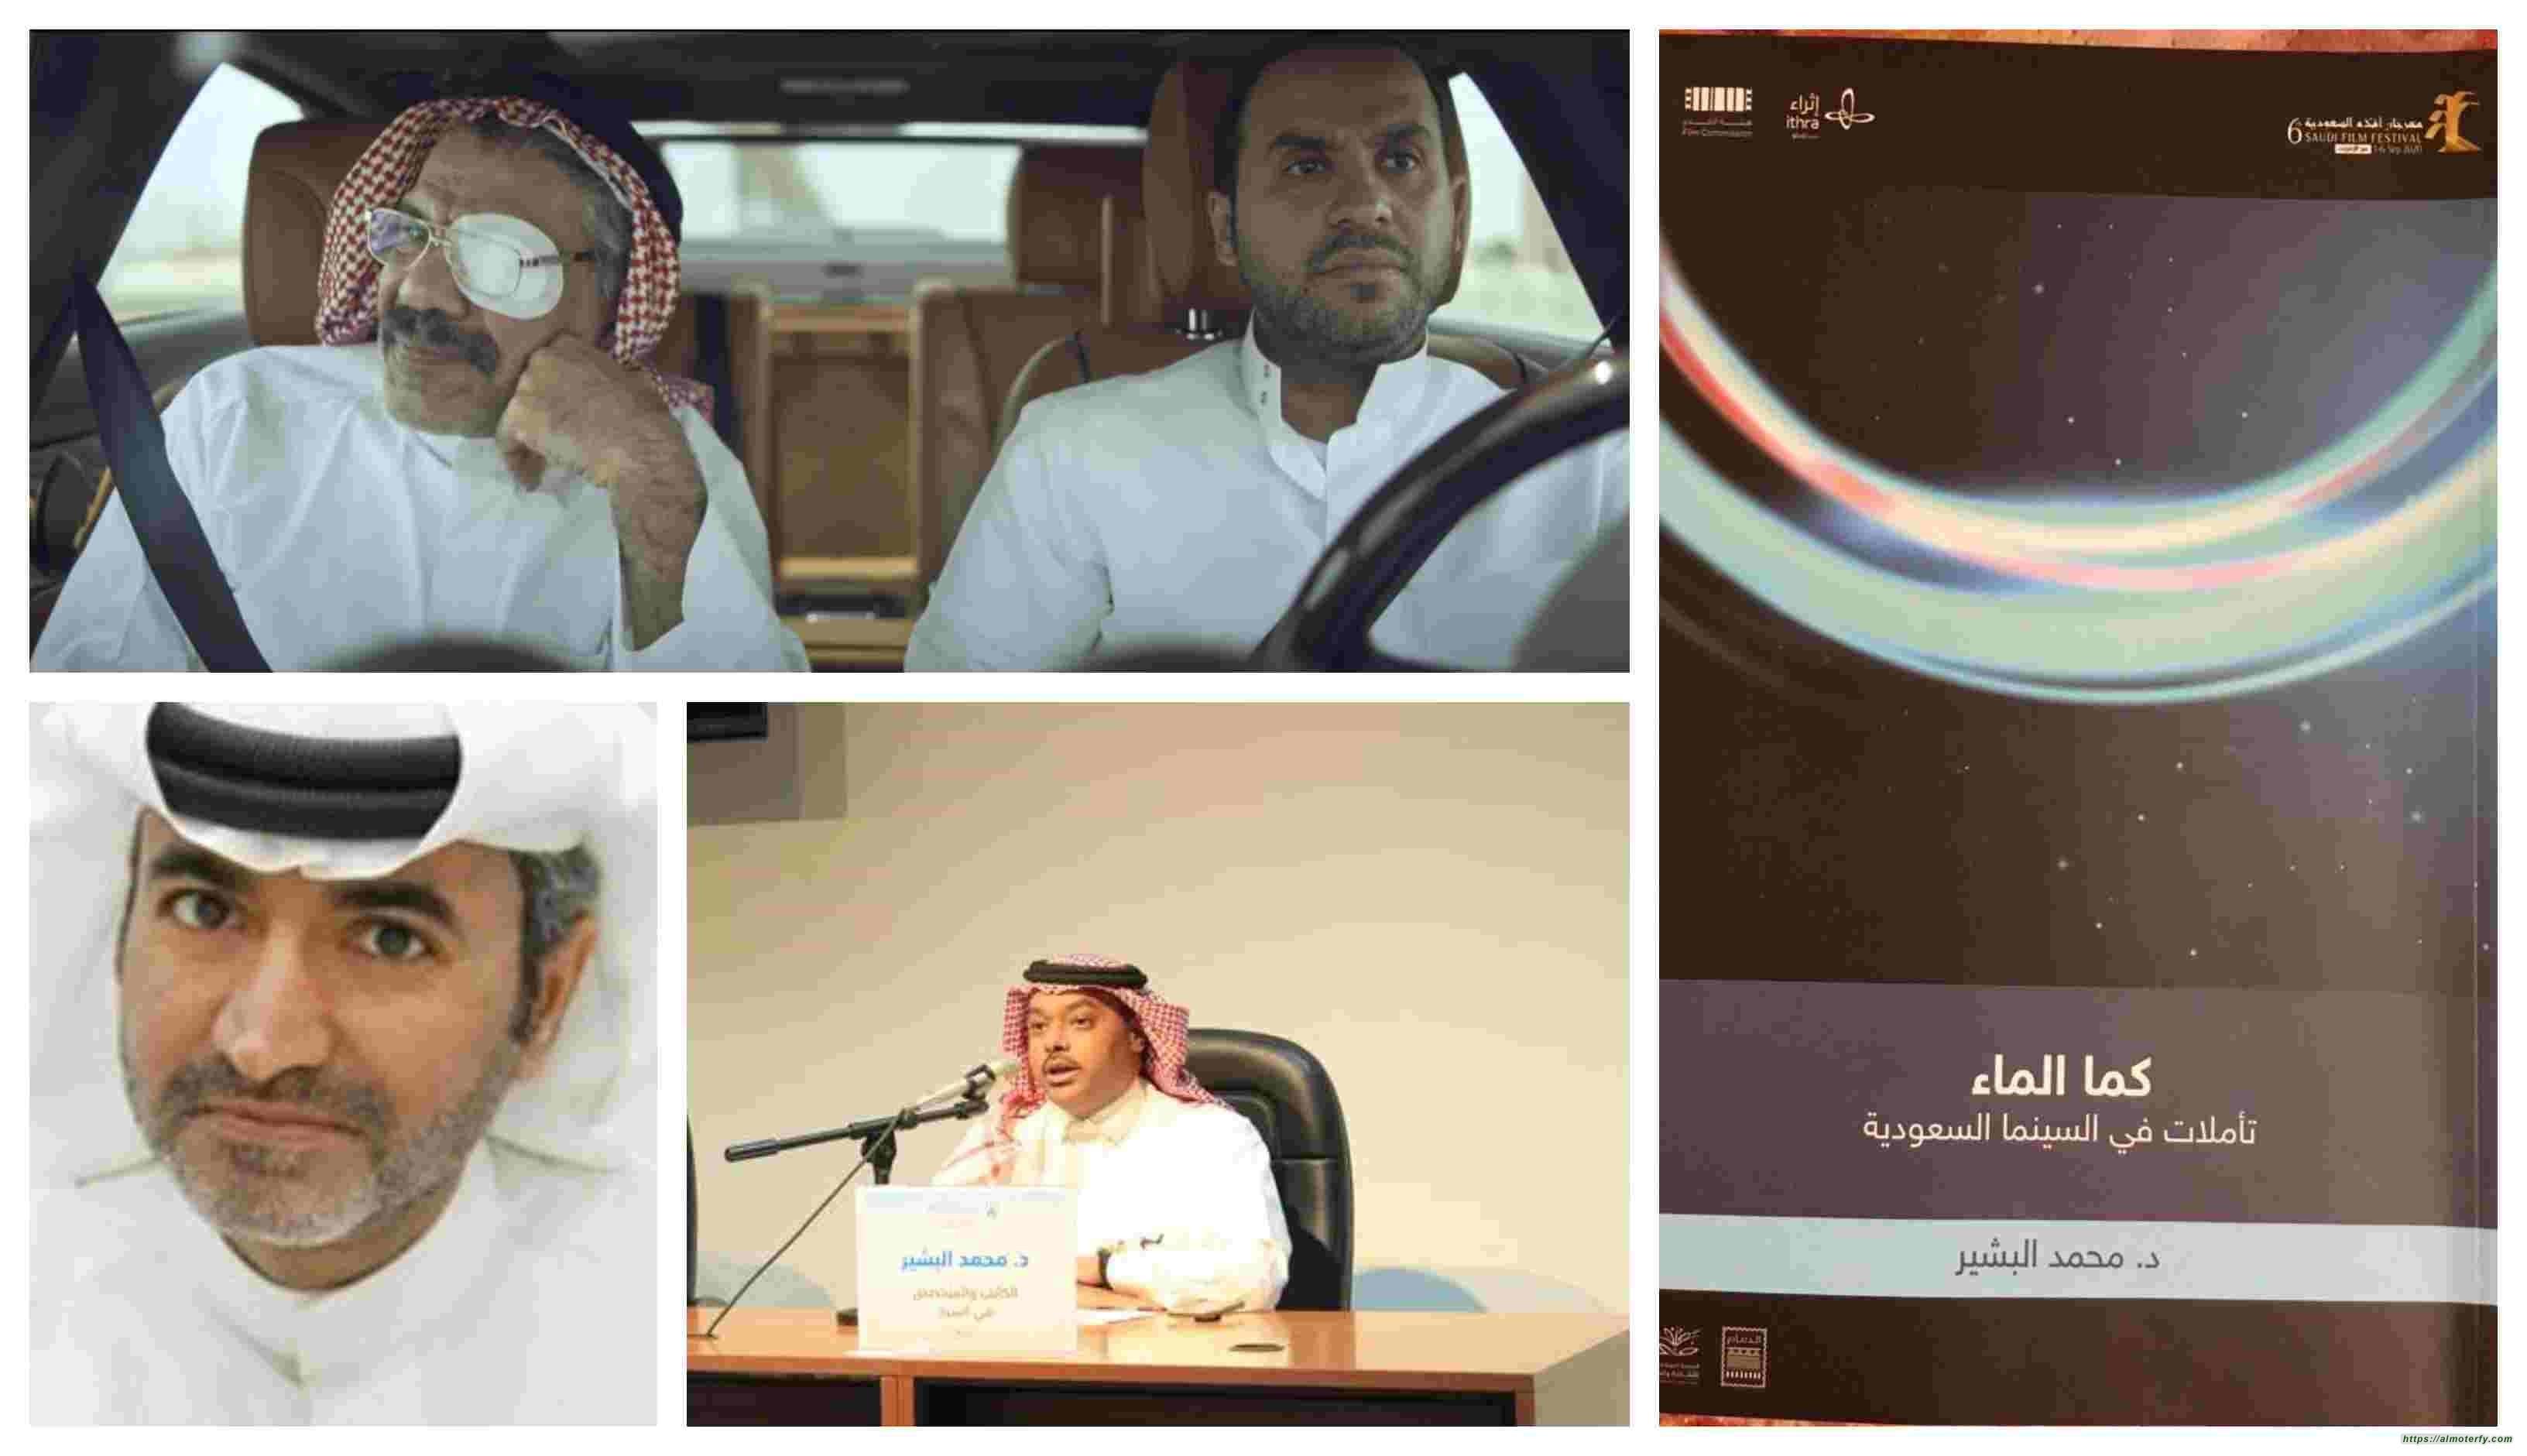 """متفائلاً بسينما سعودية مقبلة  محمد البشيّر يجيب على أسئلة الأفلام السعودية في كتابه """"كما الماء"""""""